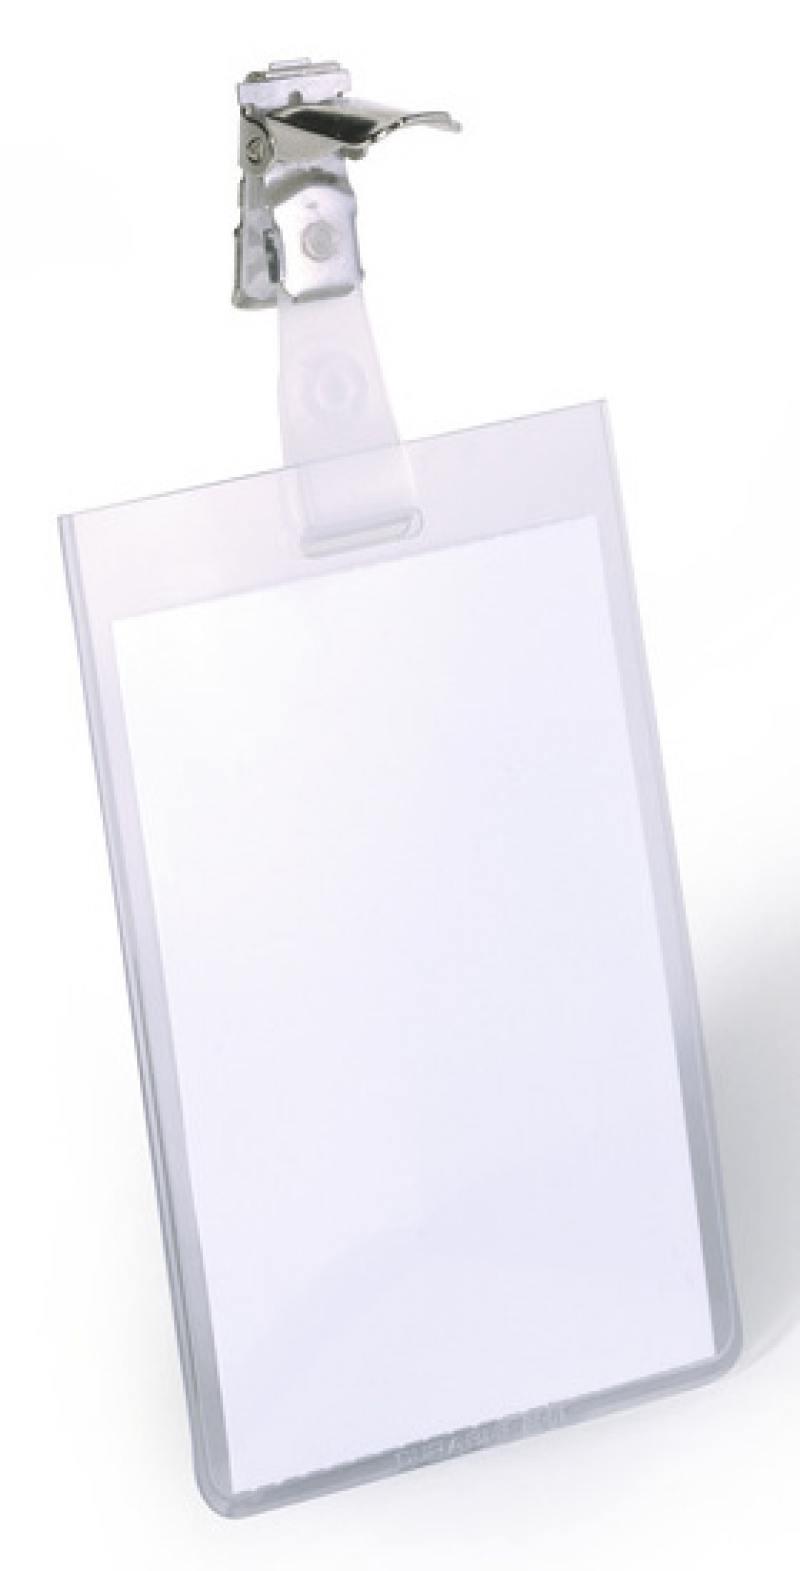 Бейдж Durable вертикальный 90x60мм с вращающимся клипом 25шт 800219 бейдж durable 8002 19 90х60мм вертикальный зажим вращающийся пвх прозрачный упак 25шт